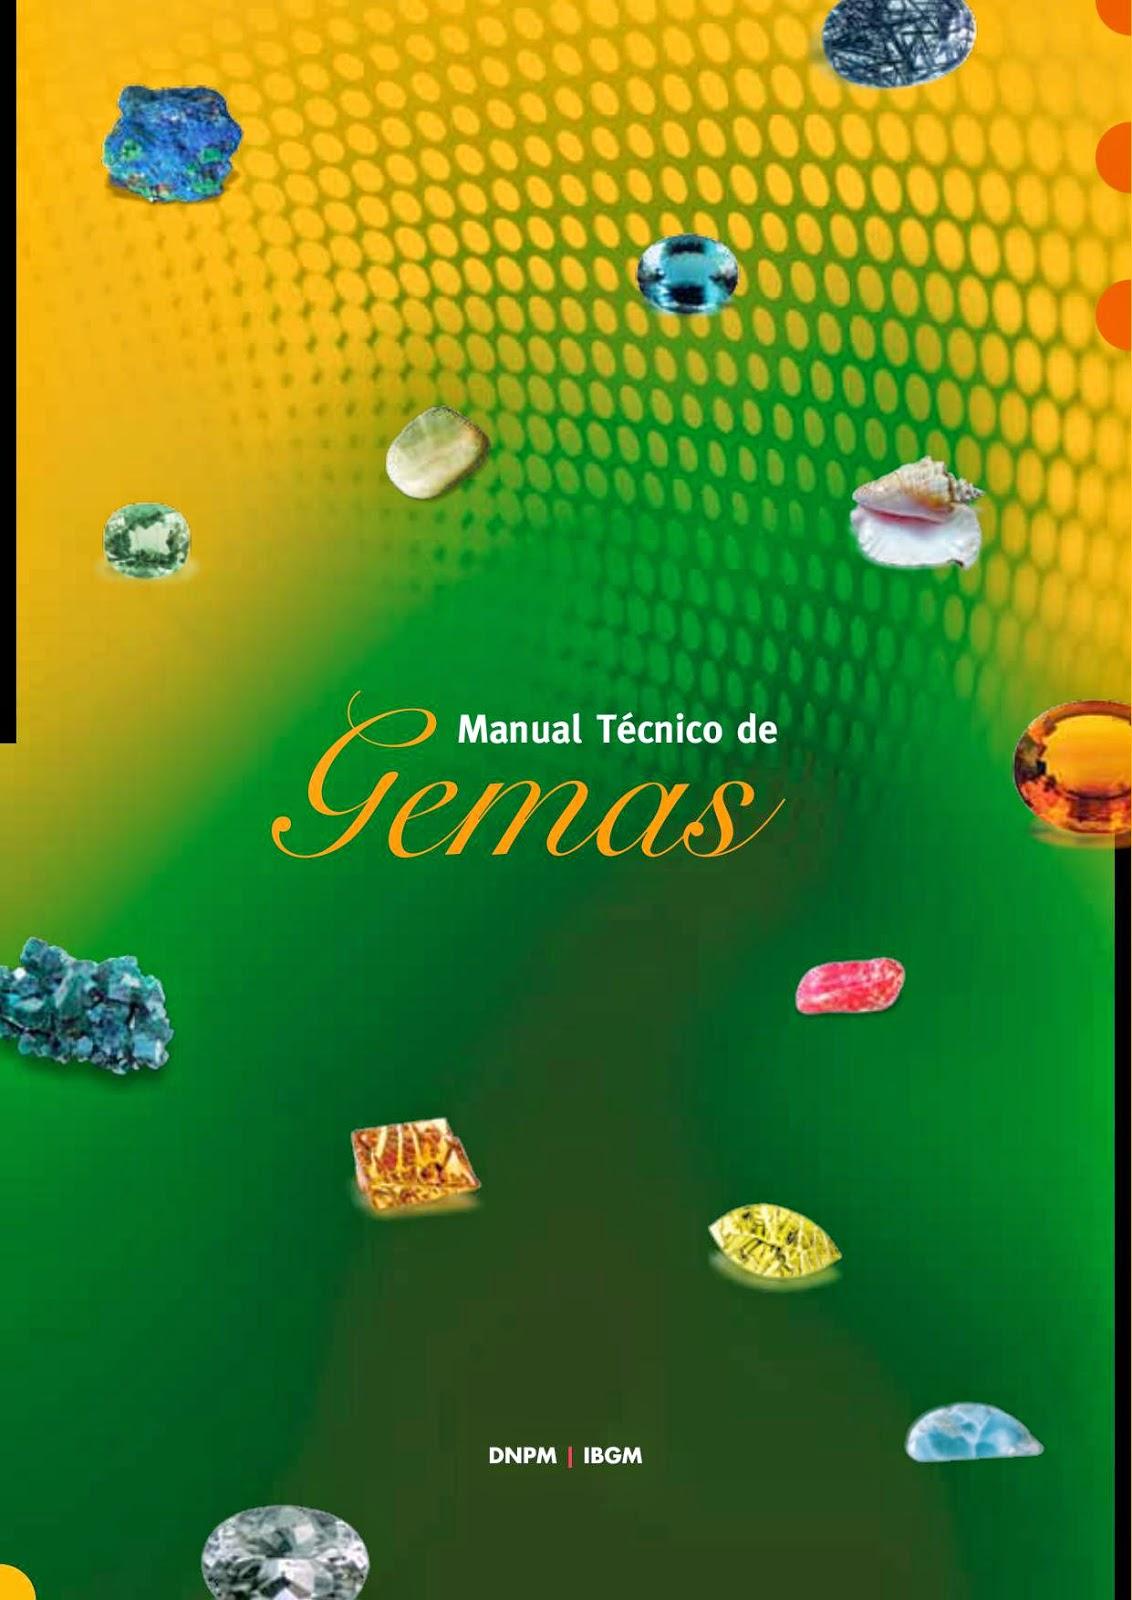 Manual Tecnico de Gemas Jane Gama - descargar gratis